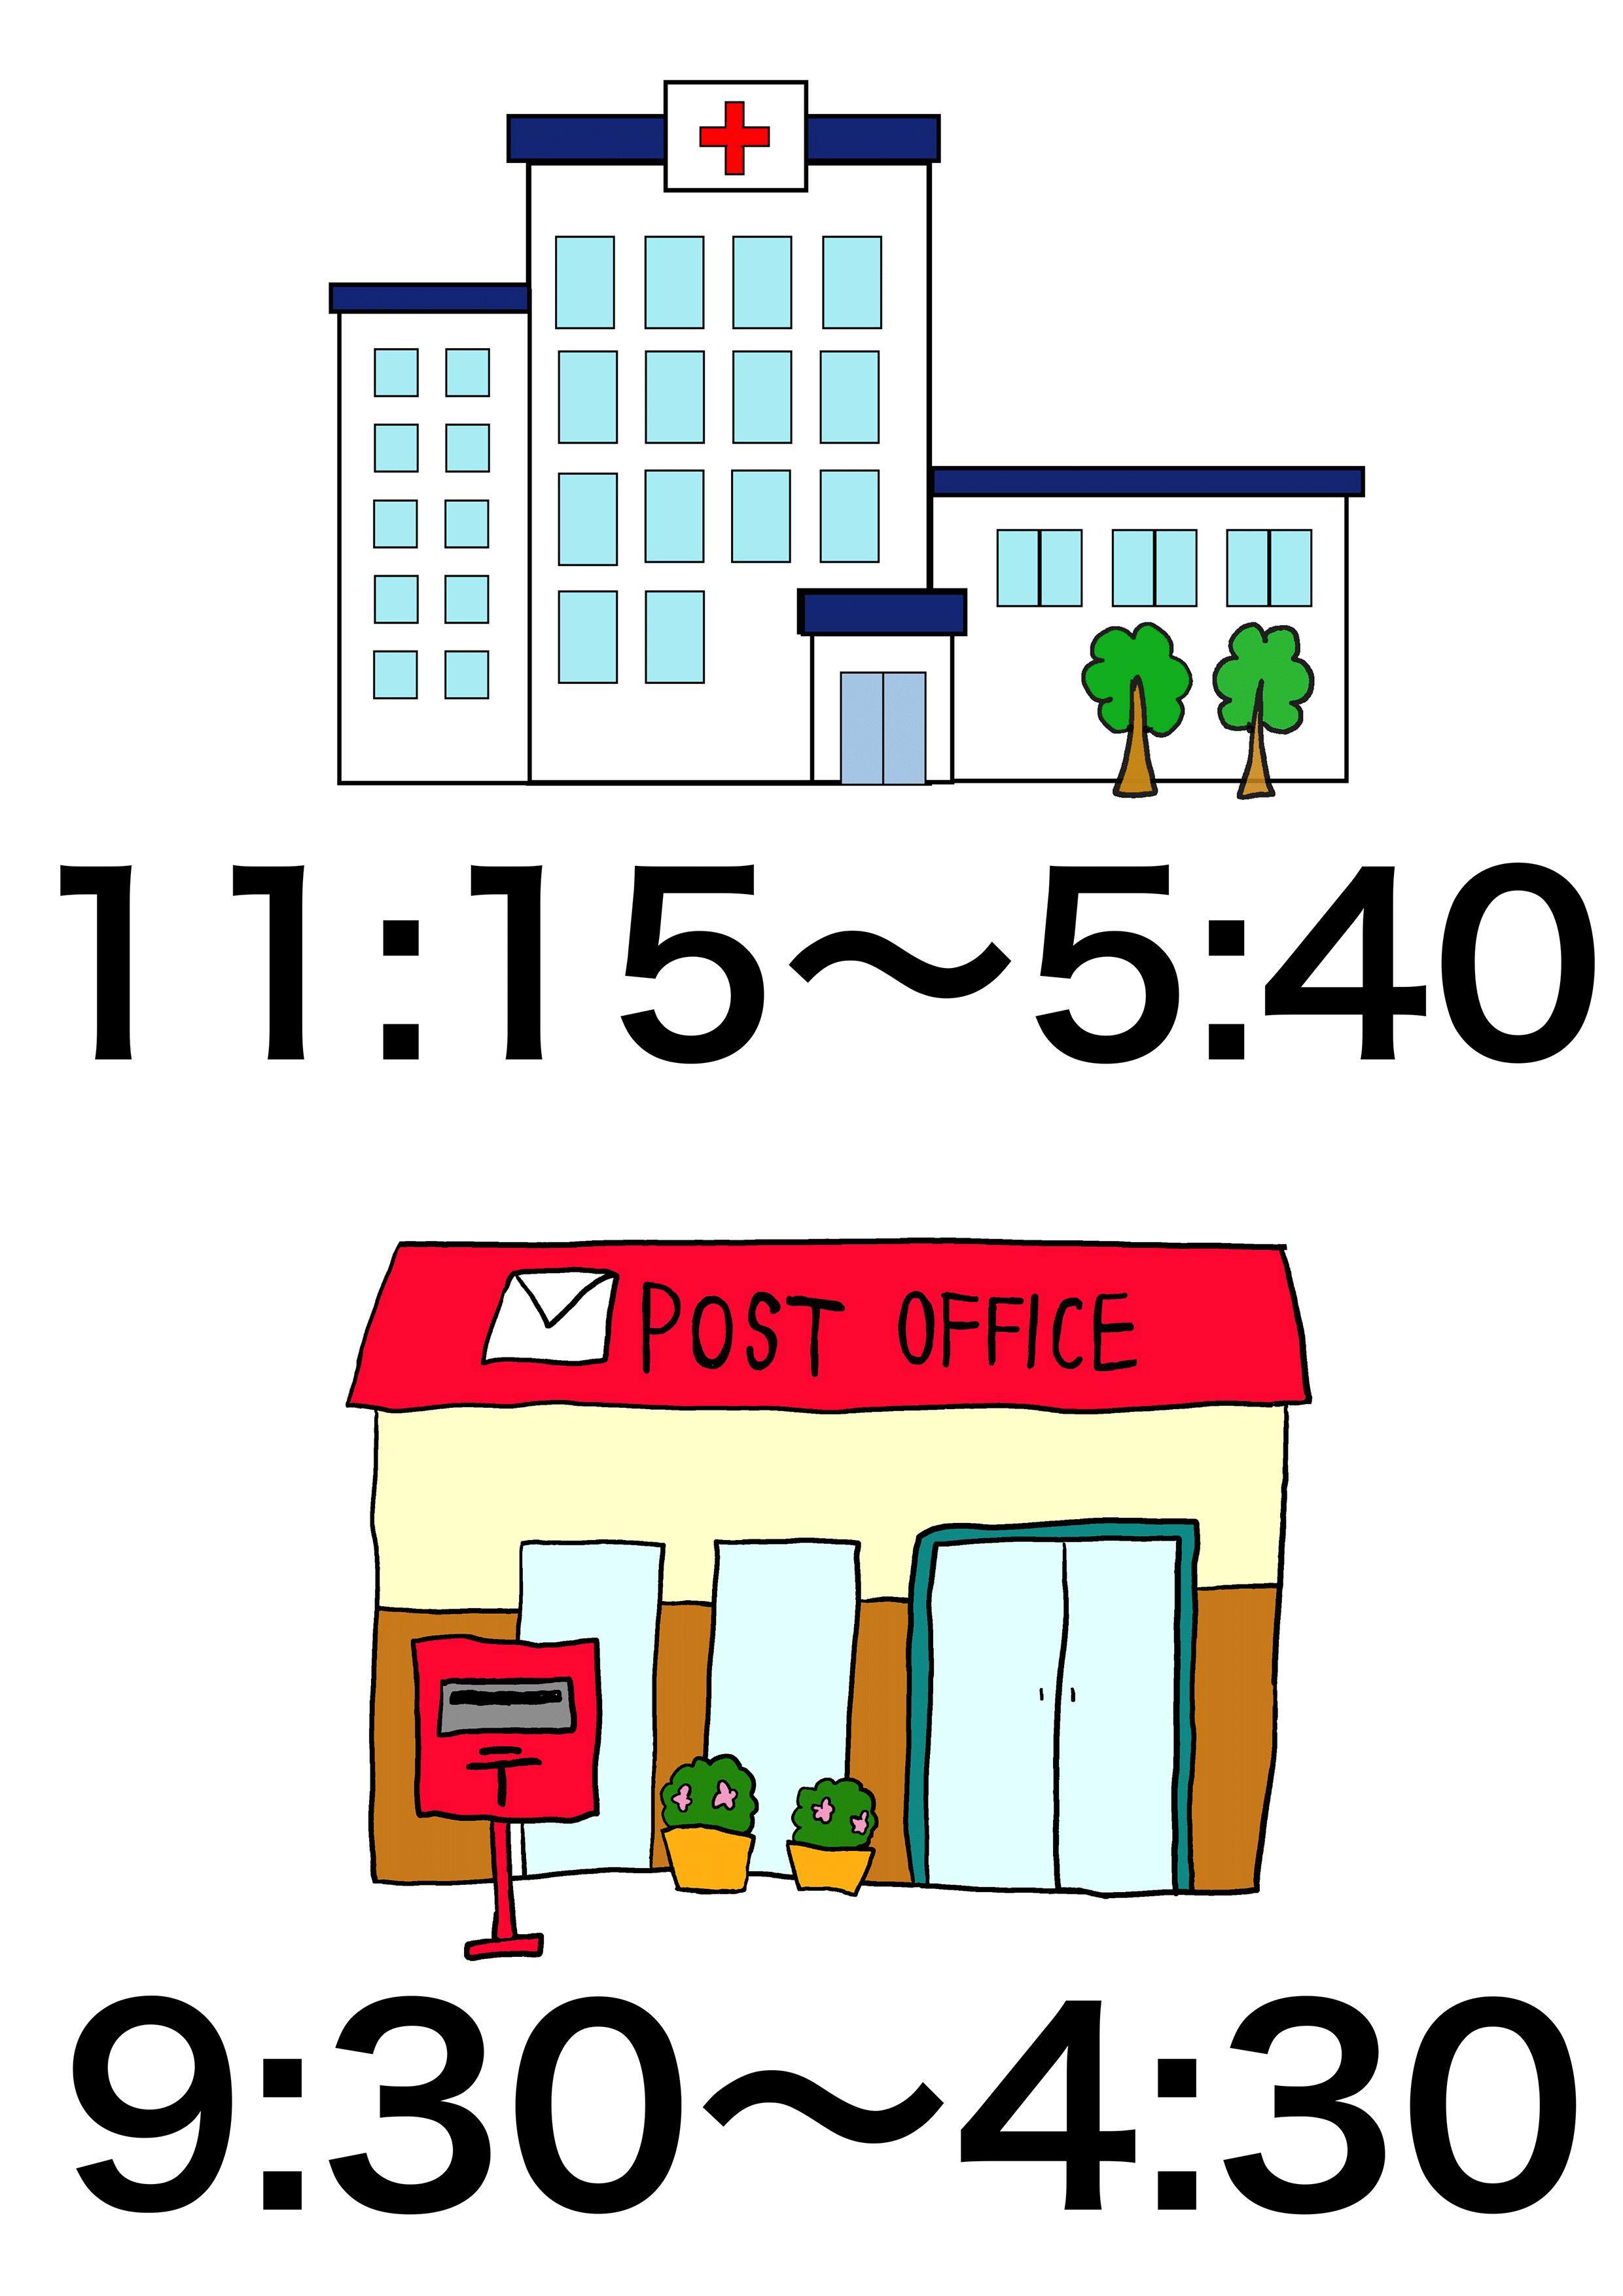 4課イラスト【病院/郵便局】